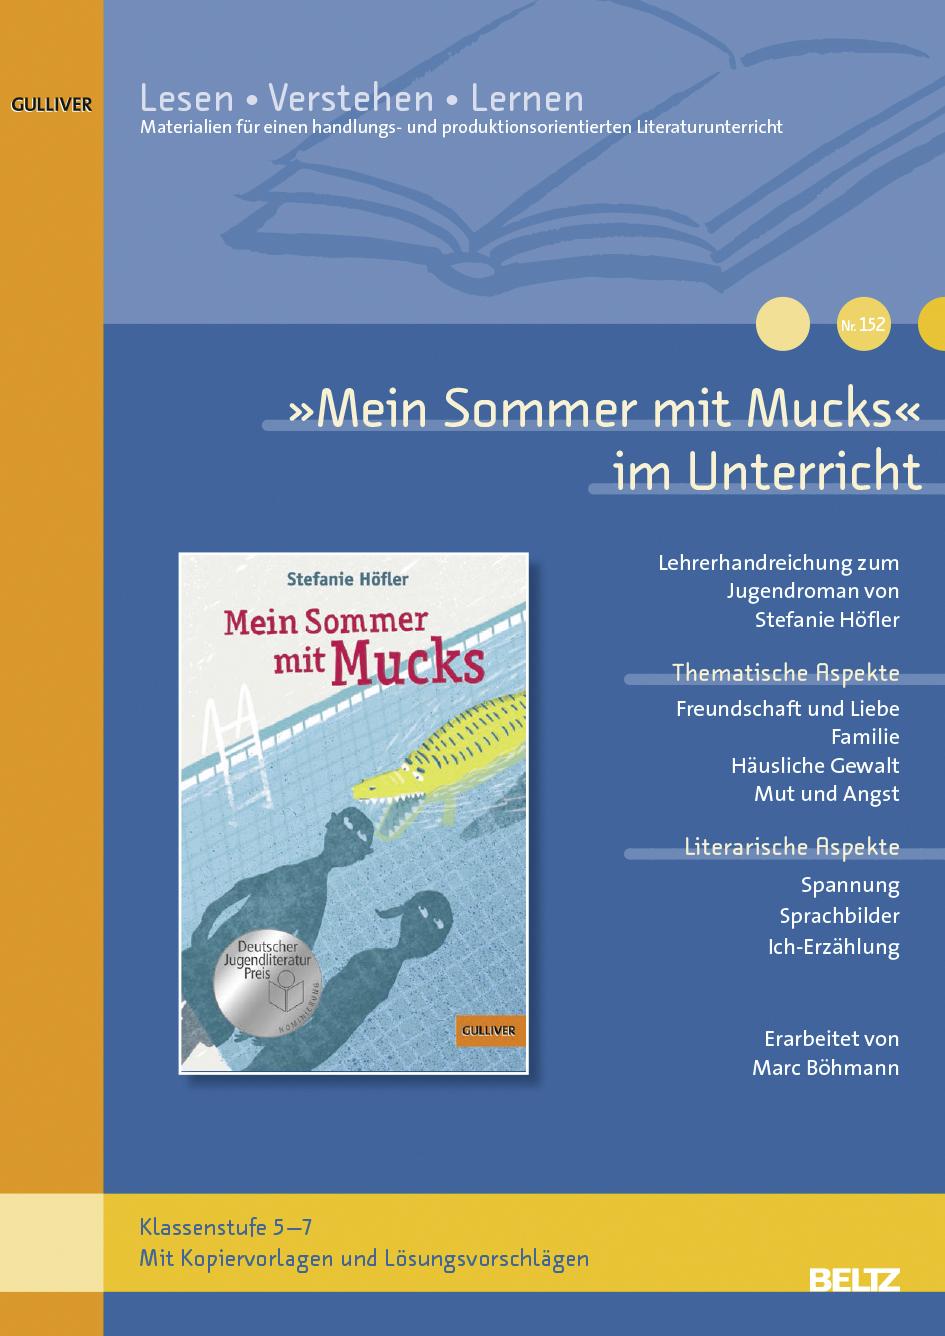 Mein Sommer mit Mucks« im Unterricht - Download | Lehrerhandreichung ...